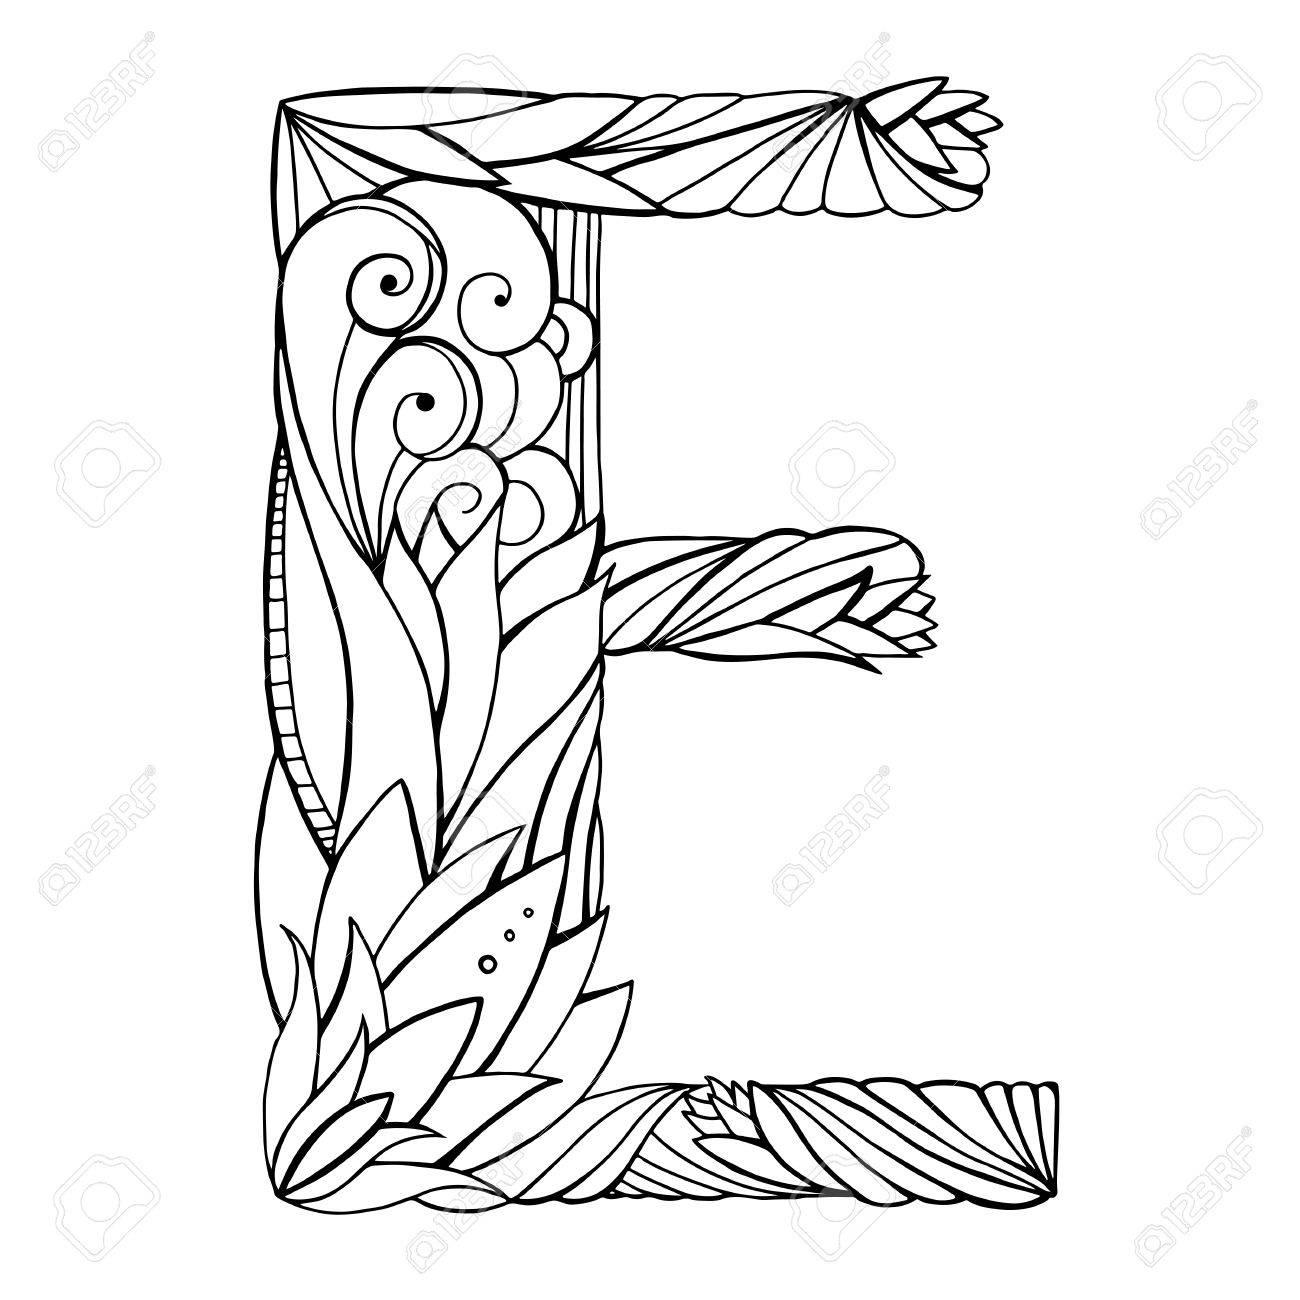 Dessin À Main Levée Noir Et Blanc Lettre Majuscule E Avec Motif Floral  Doodle. Élément De Vecteur Pour Votre Conception encequiconcerne Dessin Lettre E